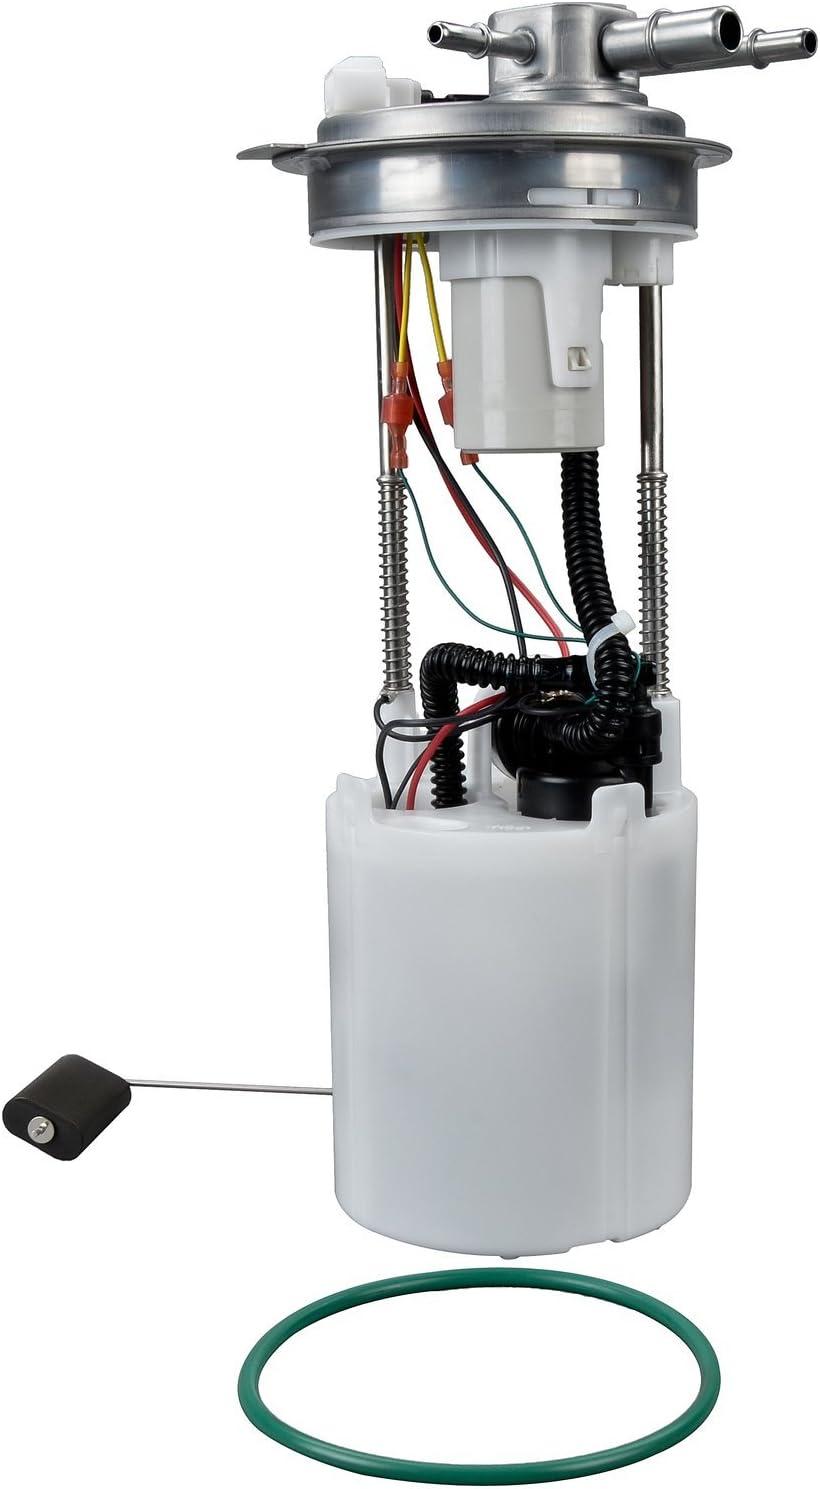 Bosch 66084 Fuel Pump Module Assembly